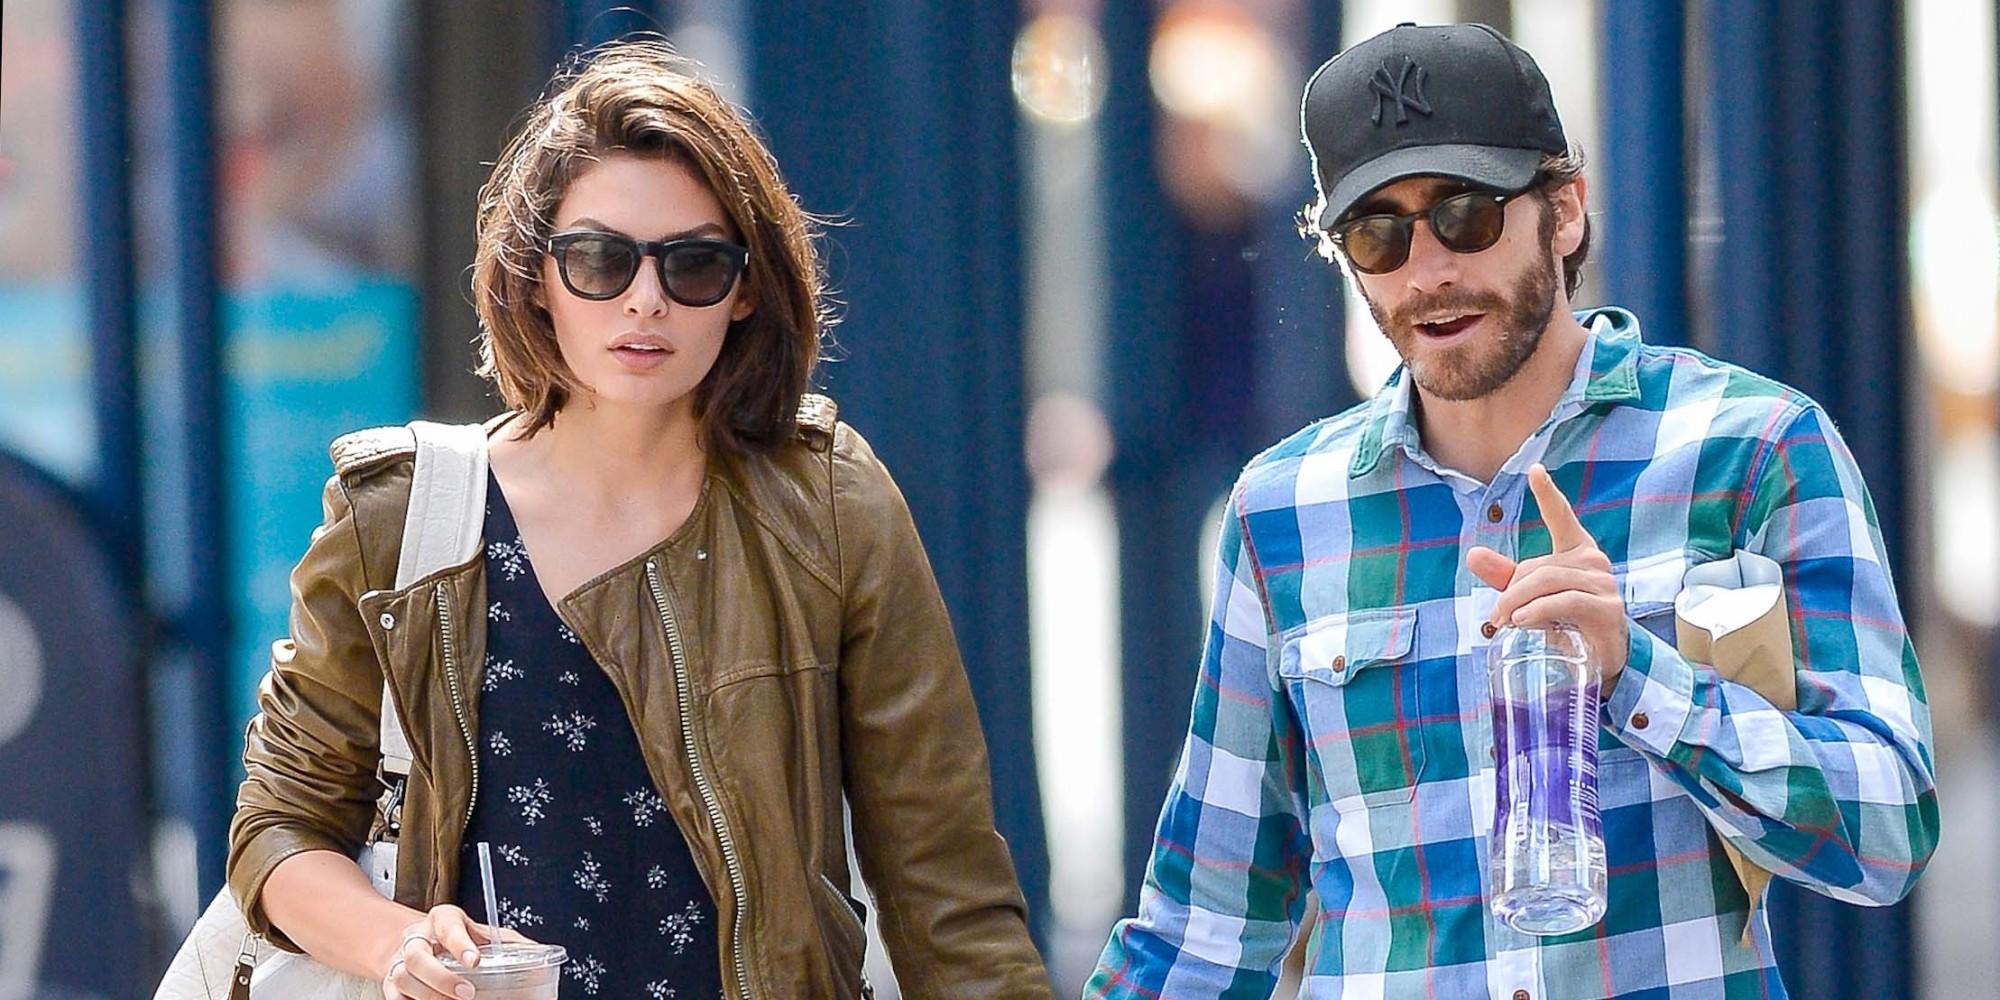 Jake Gyllenhaal 2013 dating särskilt intresse online dejtingsajter